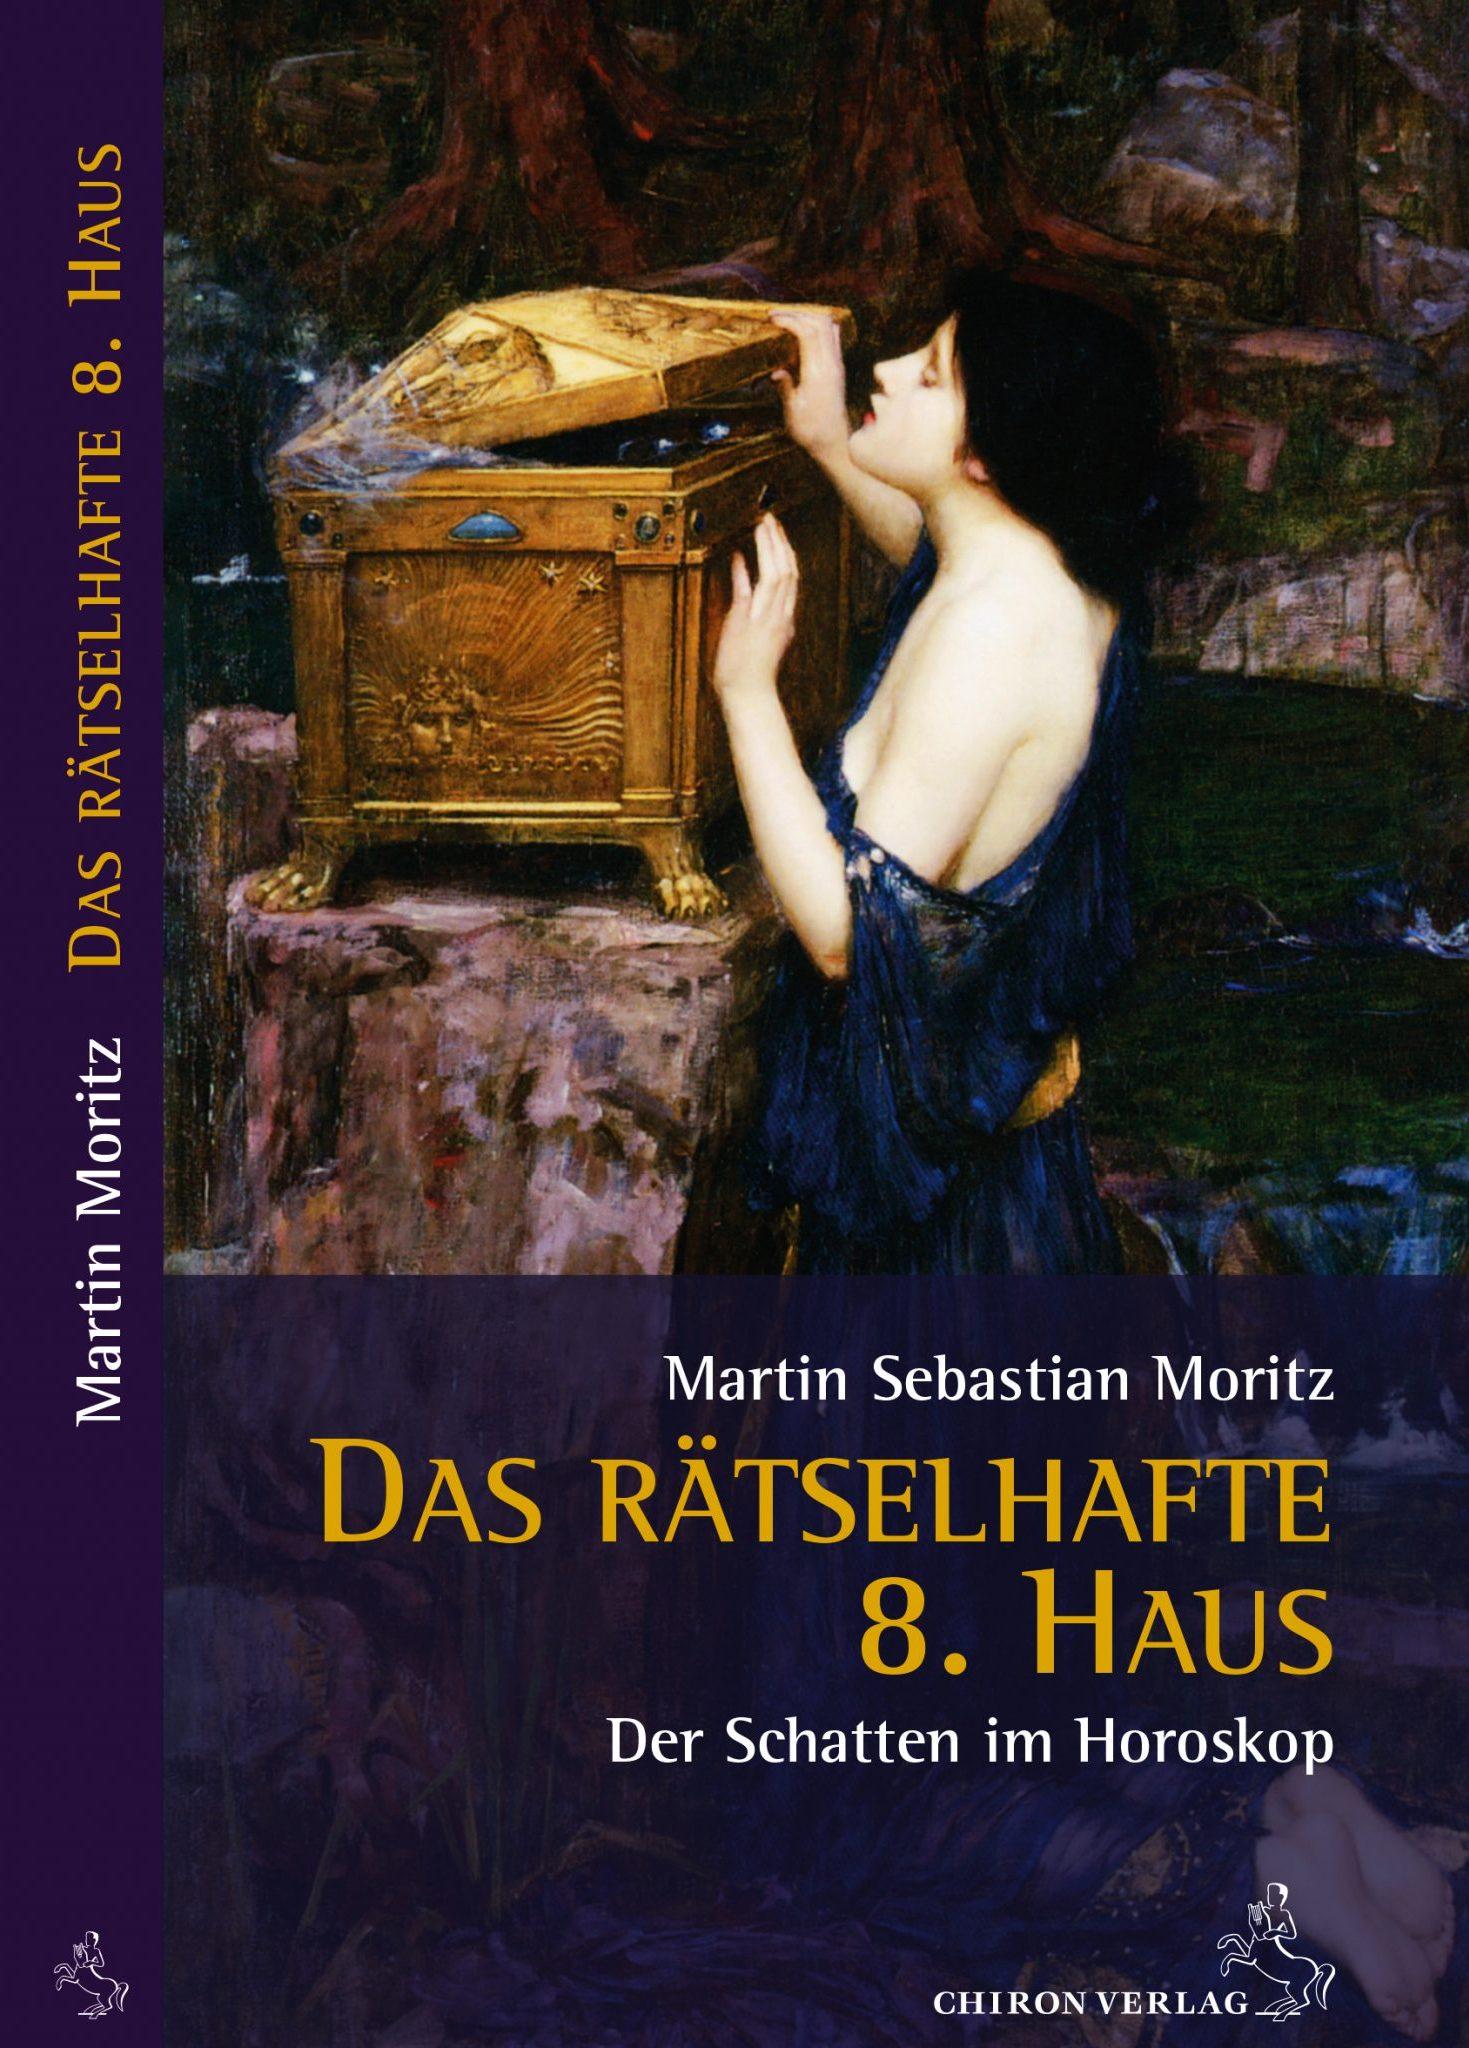 Buch Das Rätselhafte 8.Haus Psychologische Astrologie Berlin Hamburg